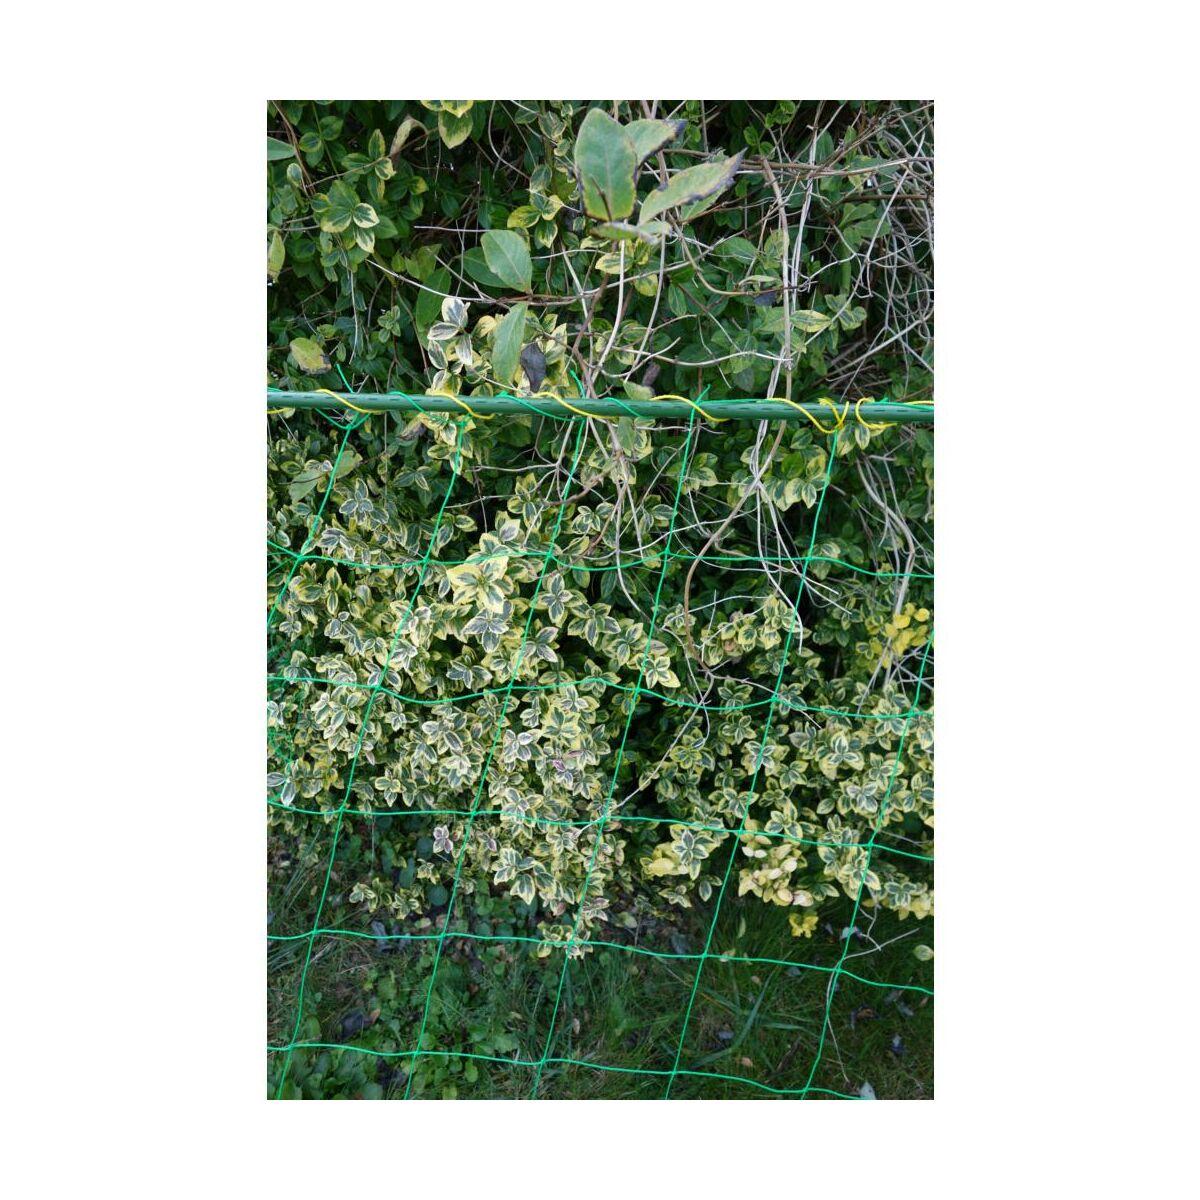 Siatka Do Pnaczy 1 8 X 1 8 M Zielona Podporki Wiazadla Do Roslin W Atrakcyjnej Cenie W Sklepach Leroy Merlin